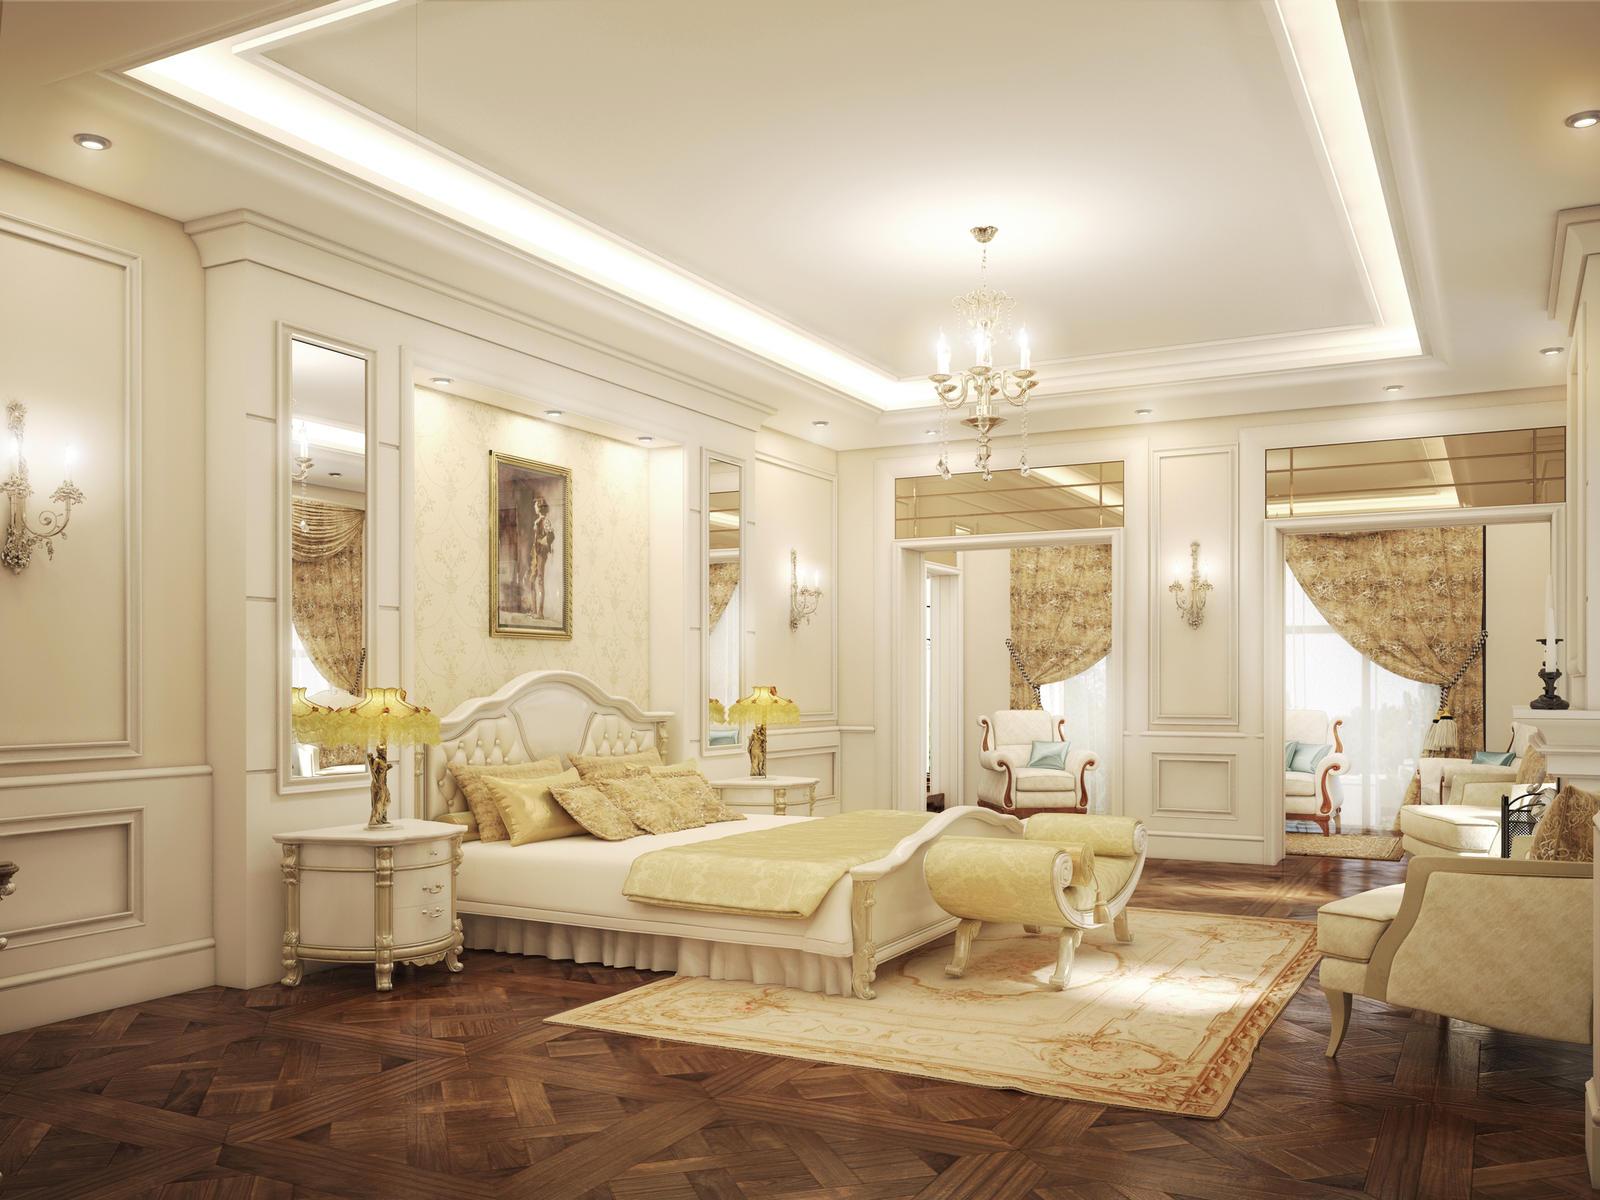 Master Bedroom By Kasrawy On DeviantArt